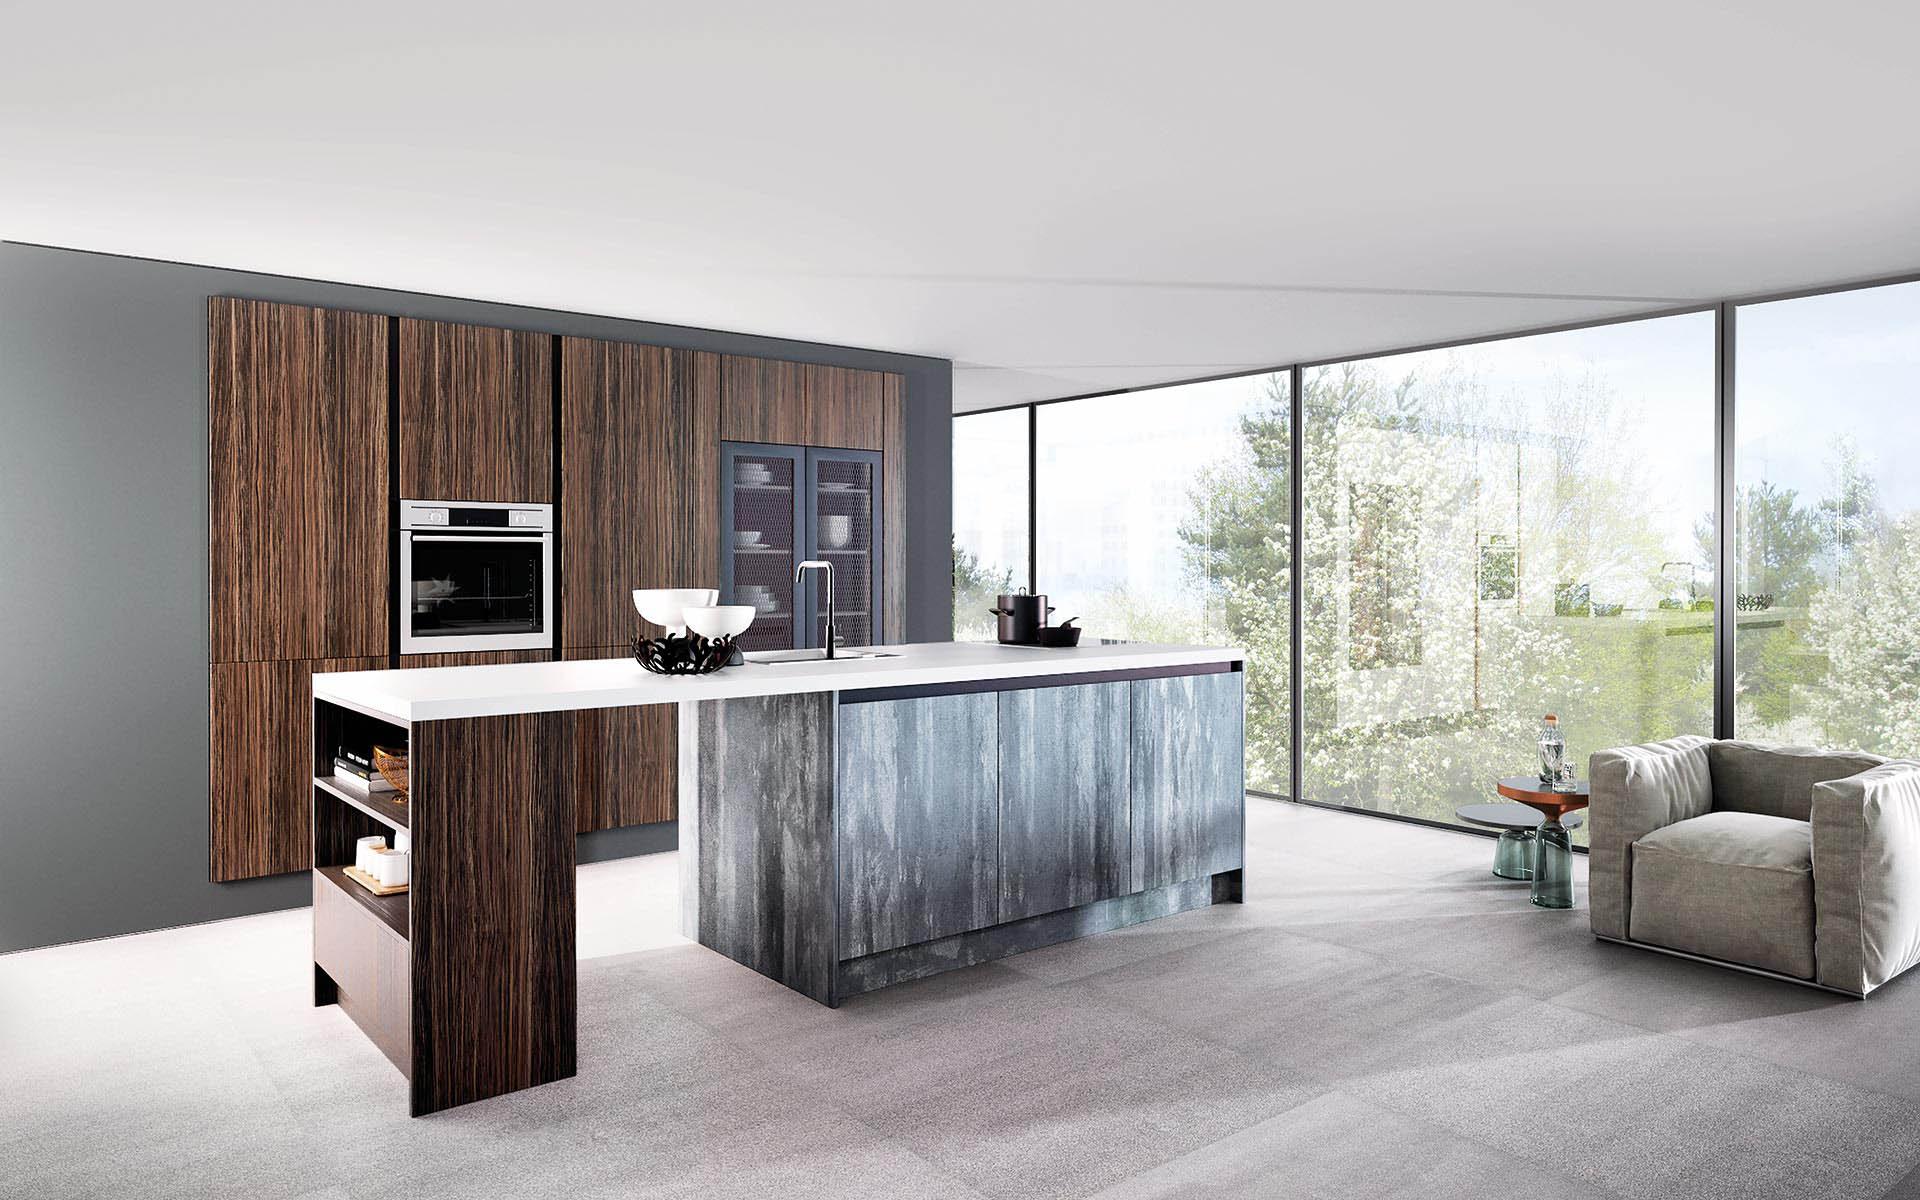 holzk chen rotpunkt k chen rotpunkt k chen. Black Bedroom Furniture Sets. Home Design Ideas